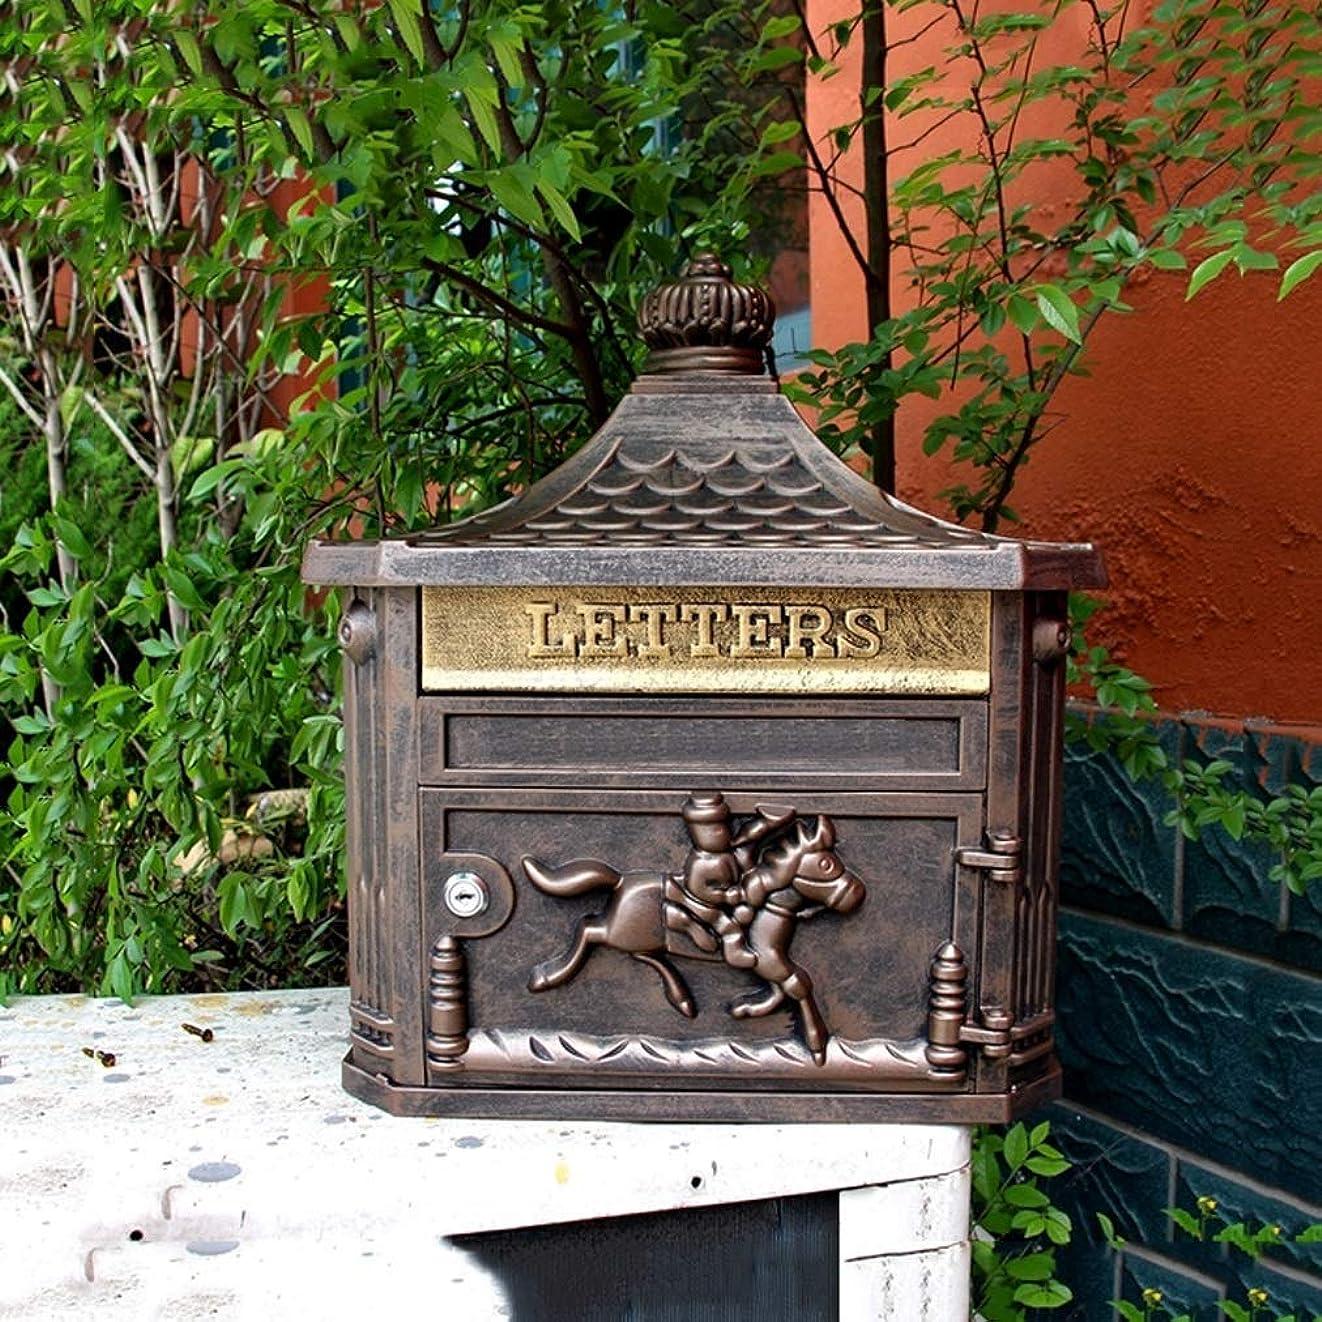 減る経営者霊屋外アンティーク壁掛けメールボックス、ヨーロッパスタイルのヴィラ、防水クリエイティブホームレターボックス、アンティーク銅色。 屋外セキュリティメールボックス